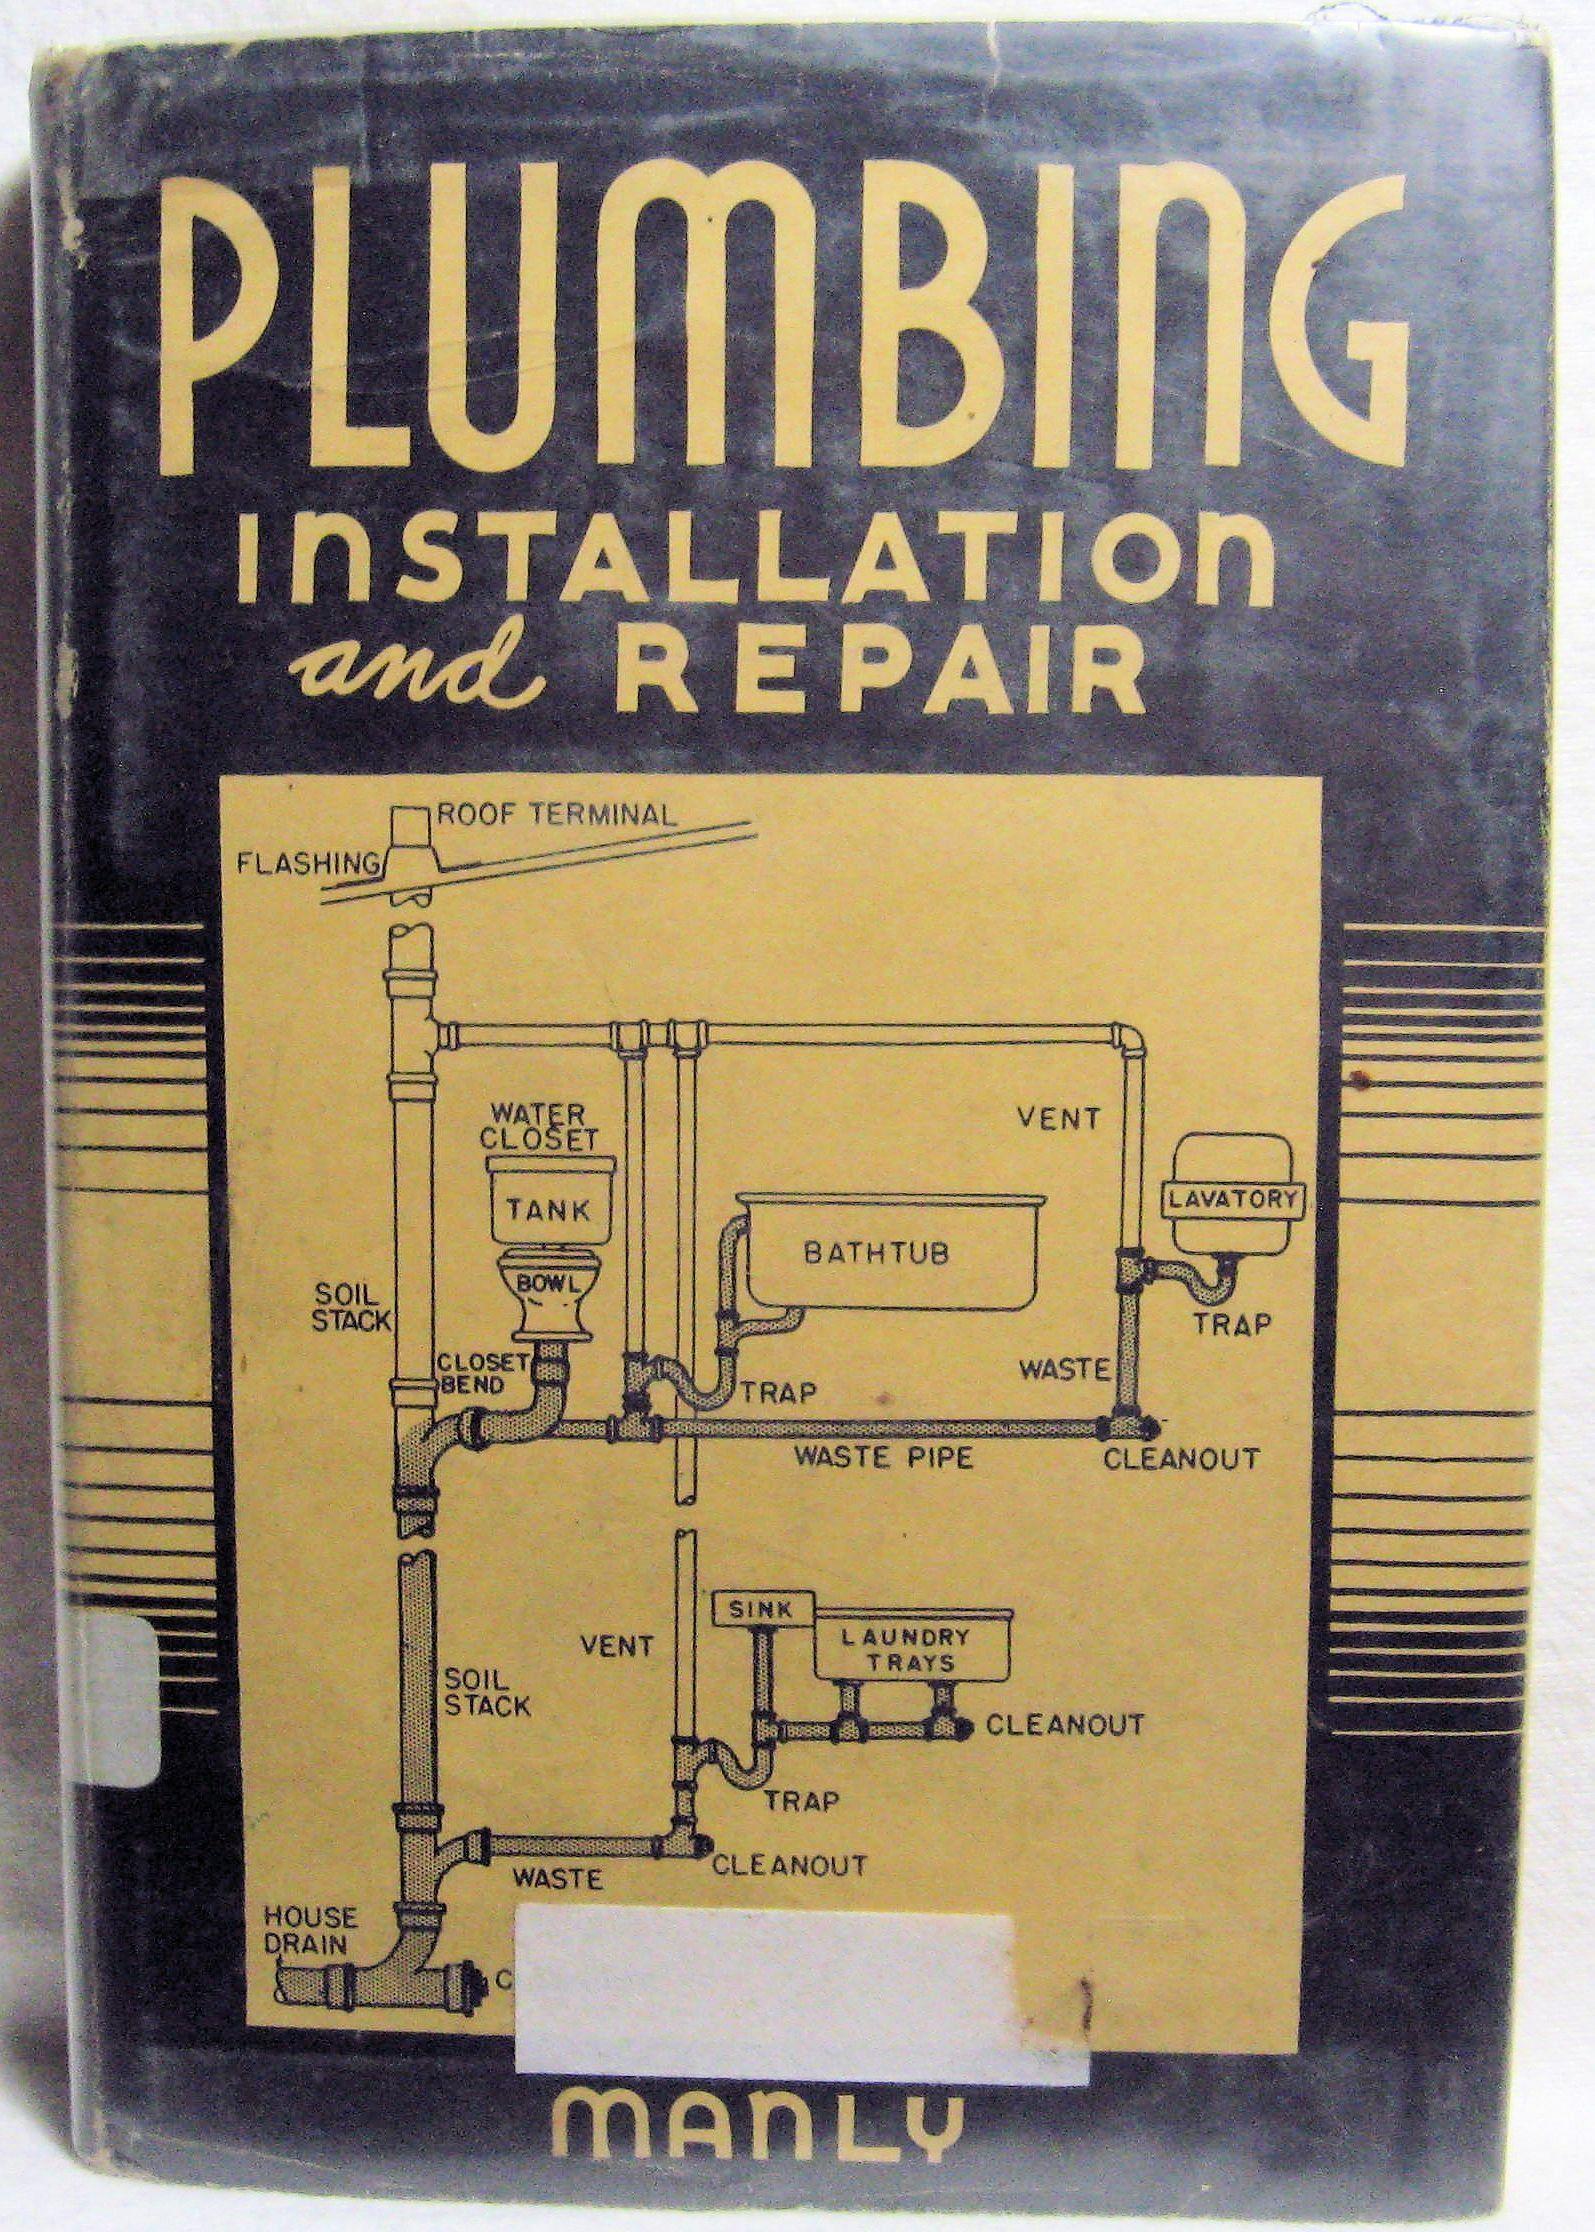 Plumbing Installation And Repair 1945 Rose City Books Plumbing Installation Plumbing Repair